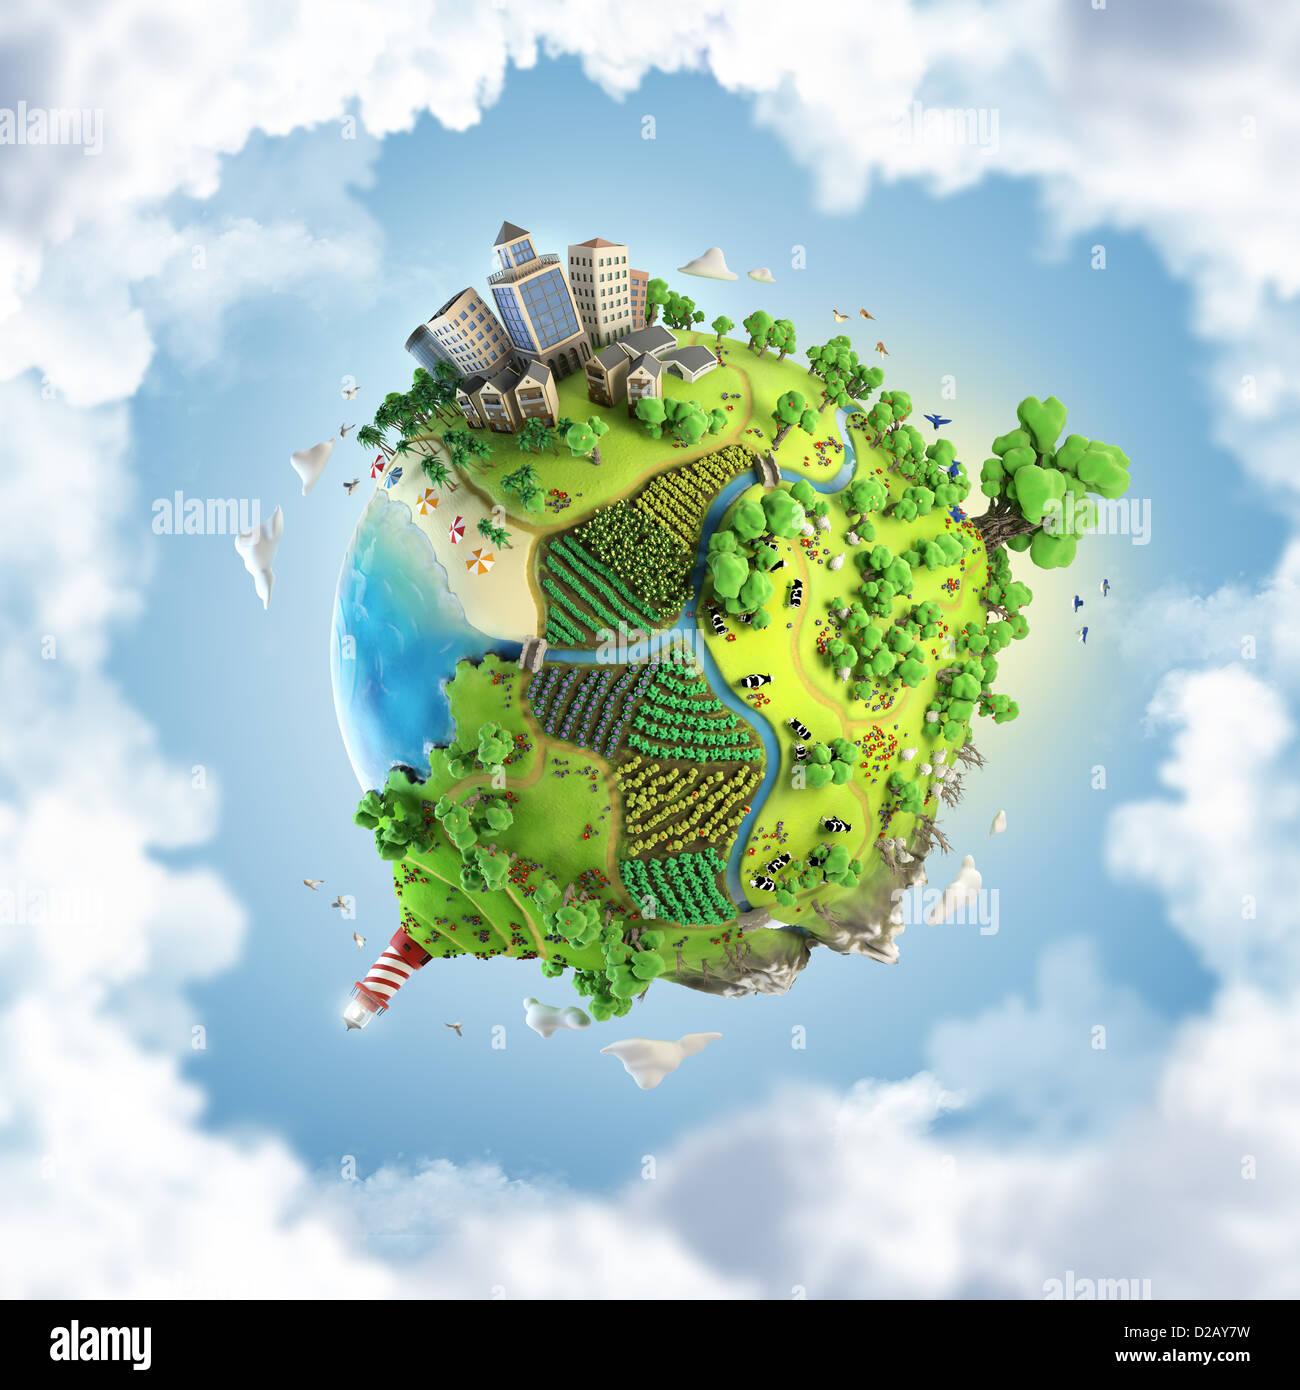 Mundo mostrando un concepto verde, tranquilo e idílico estilo de vida en el mundo en un estilo de dibujos animados Imagen De Stock